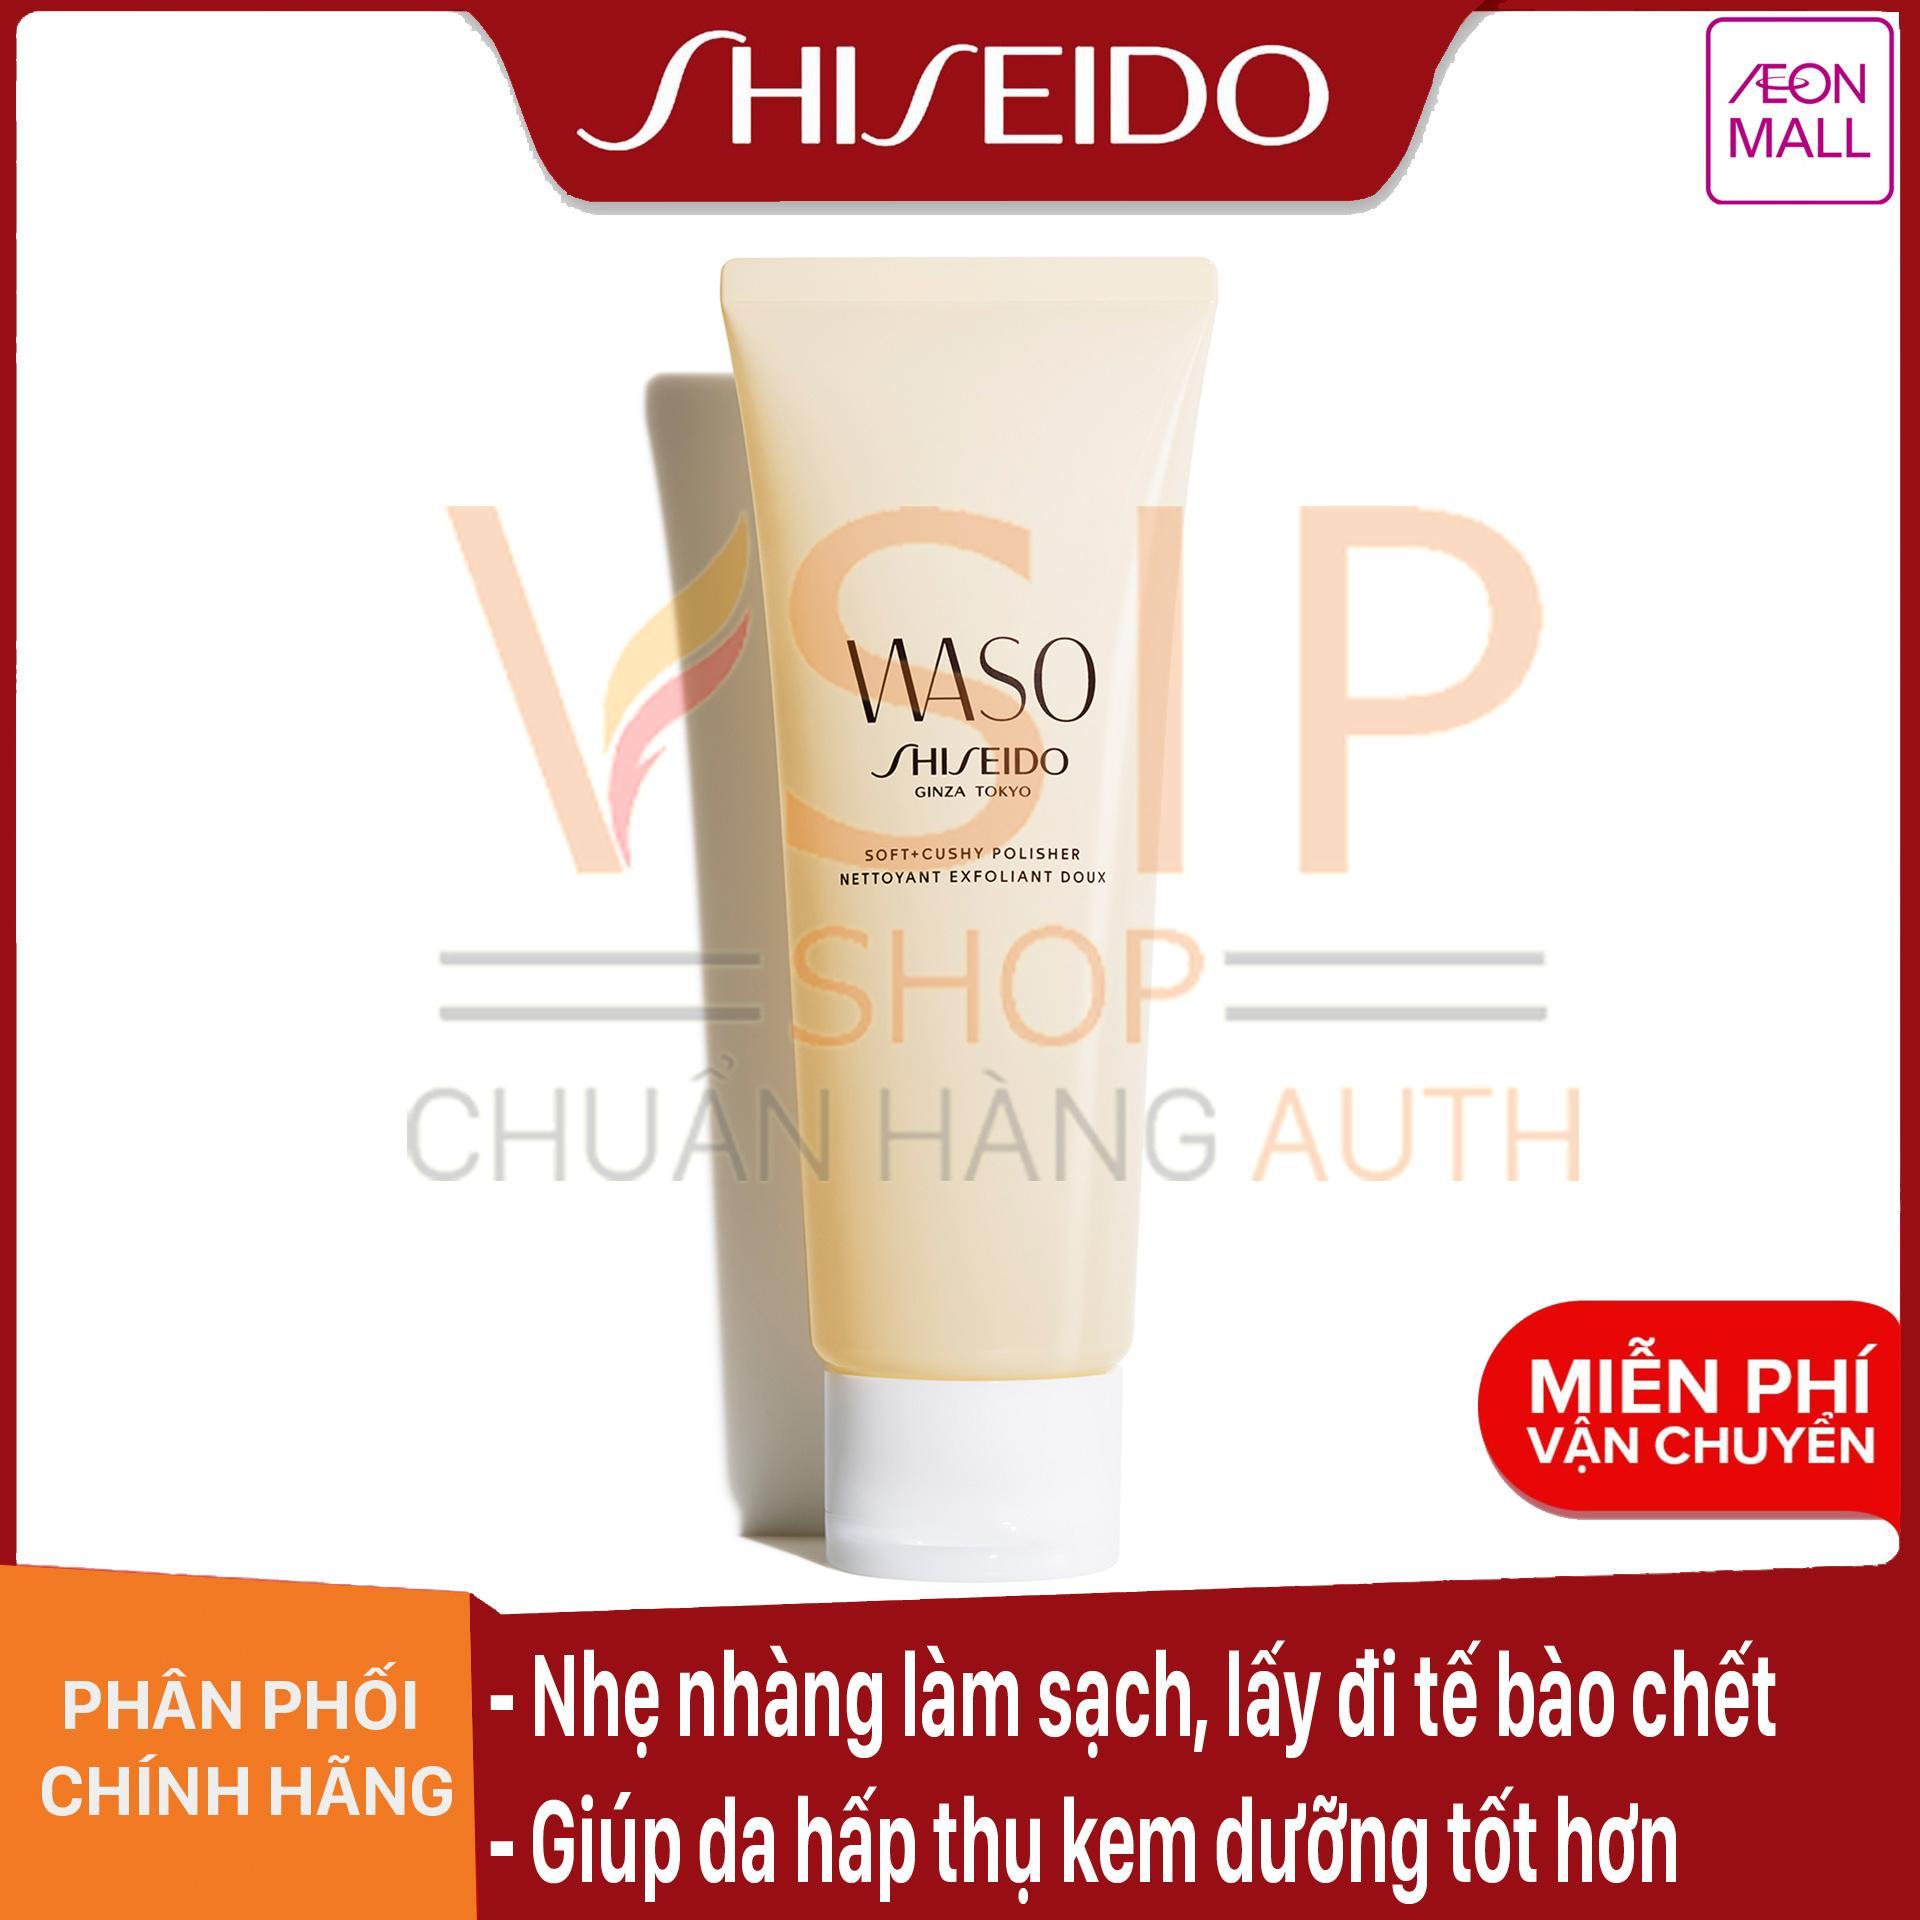 Mã Khuyến Mãi tại Lazada cho Kem Tẩy Da Chết Vật Lí Shiseido Waso Soft+Cushy Polisher 75ml